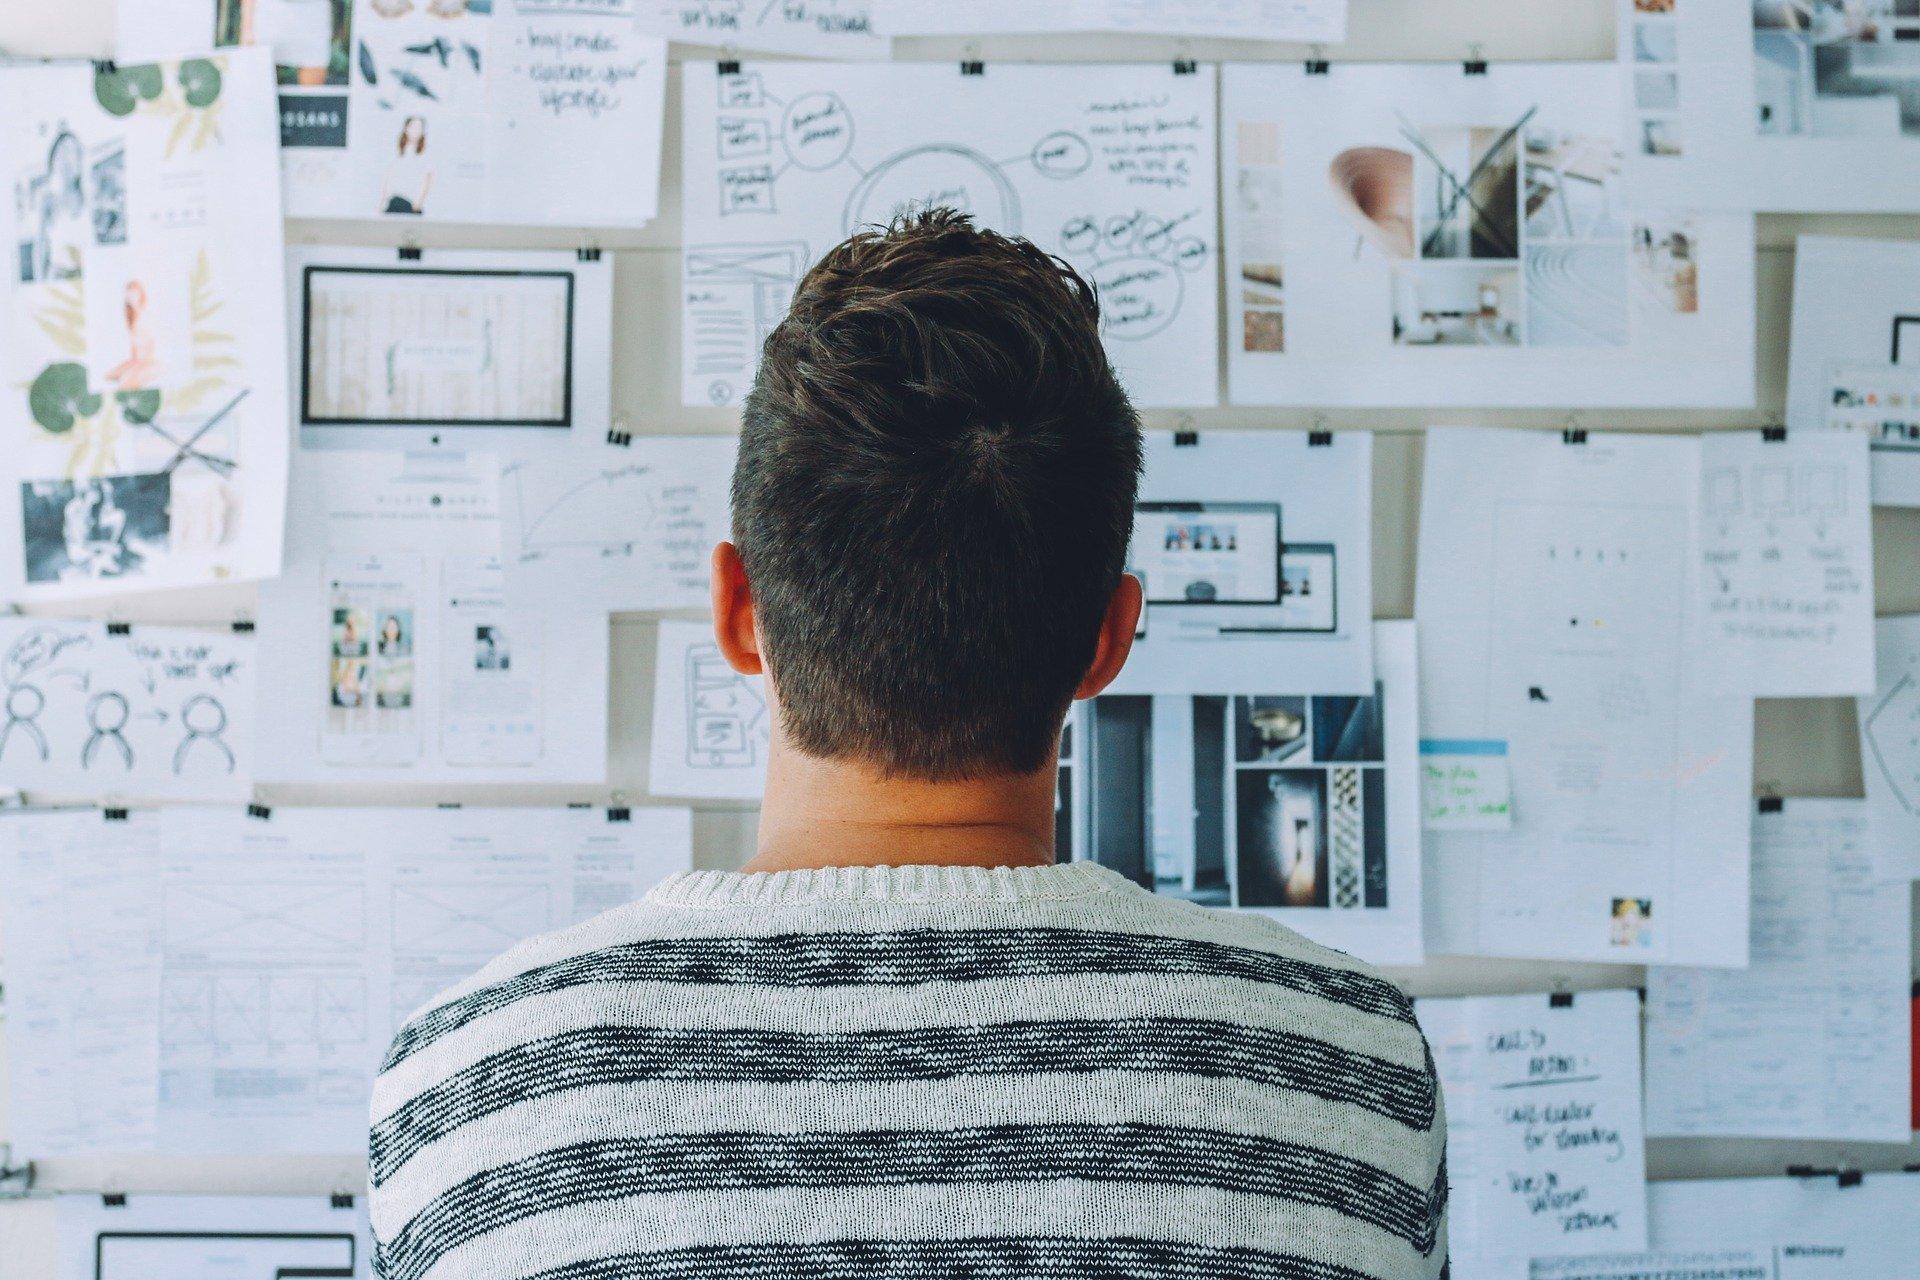 Kuvassa mies katselee seinää, jolla on suunnitelmia papereilla